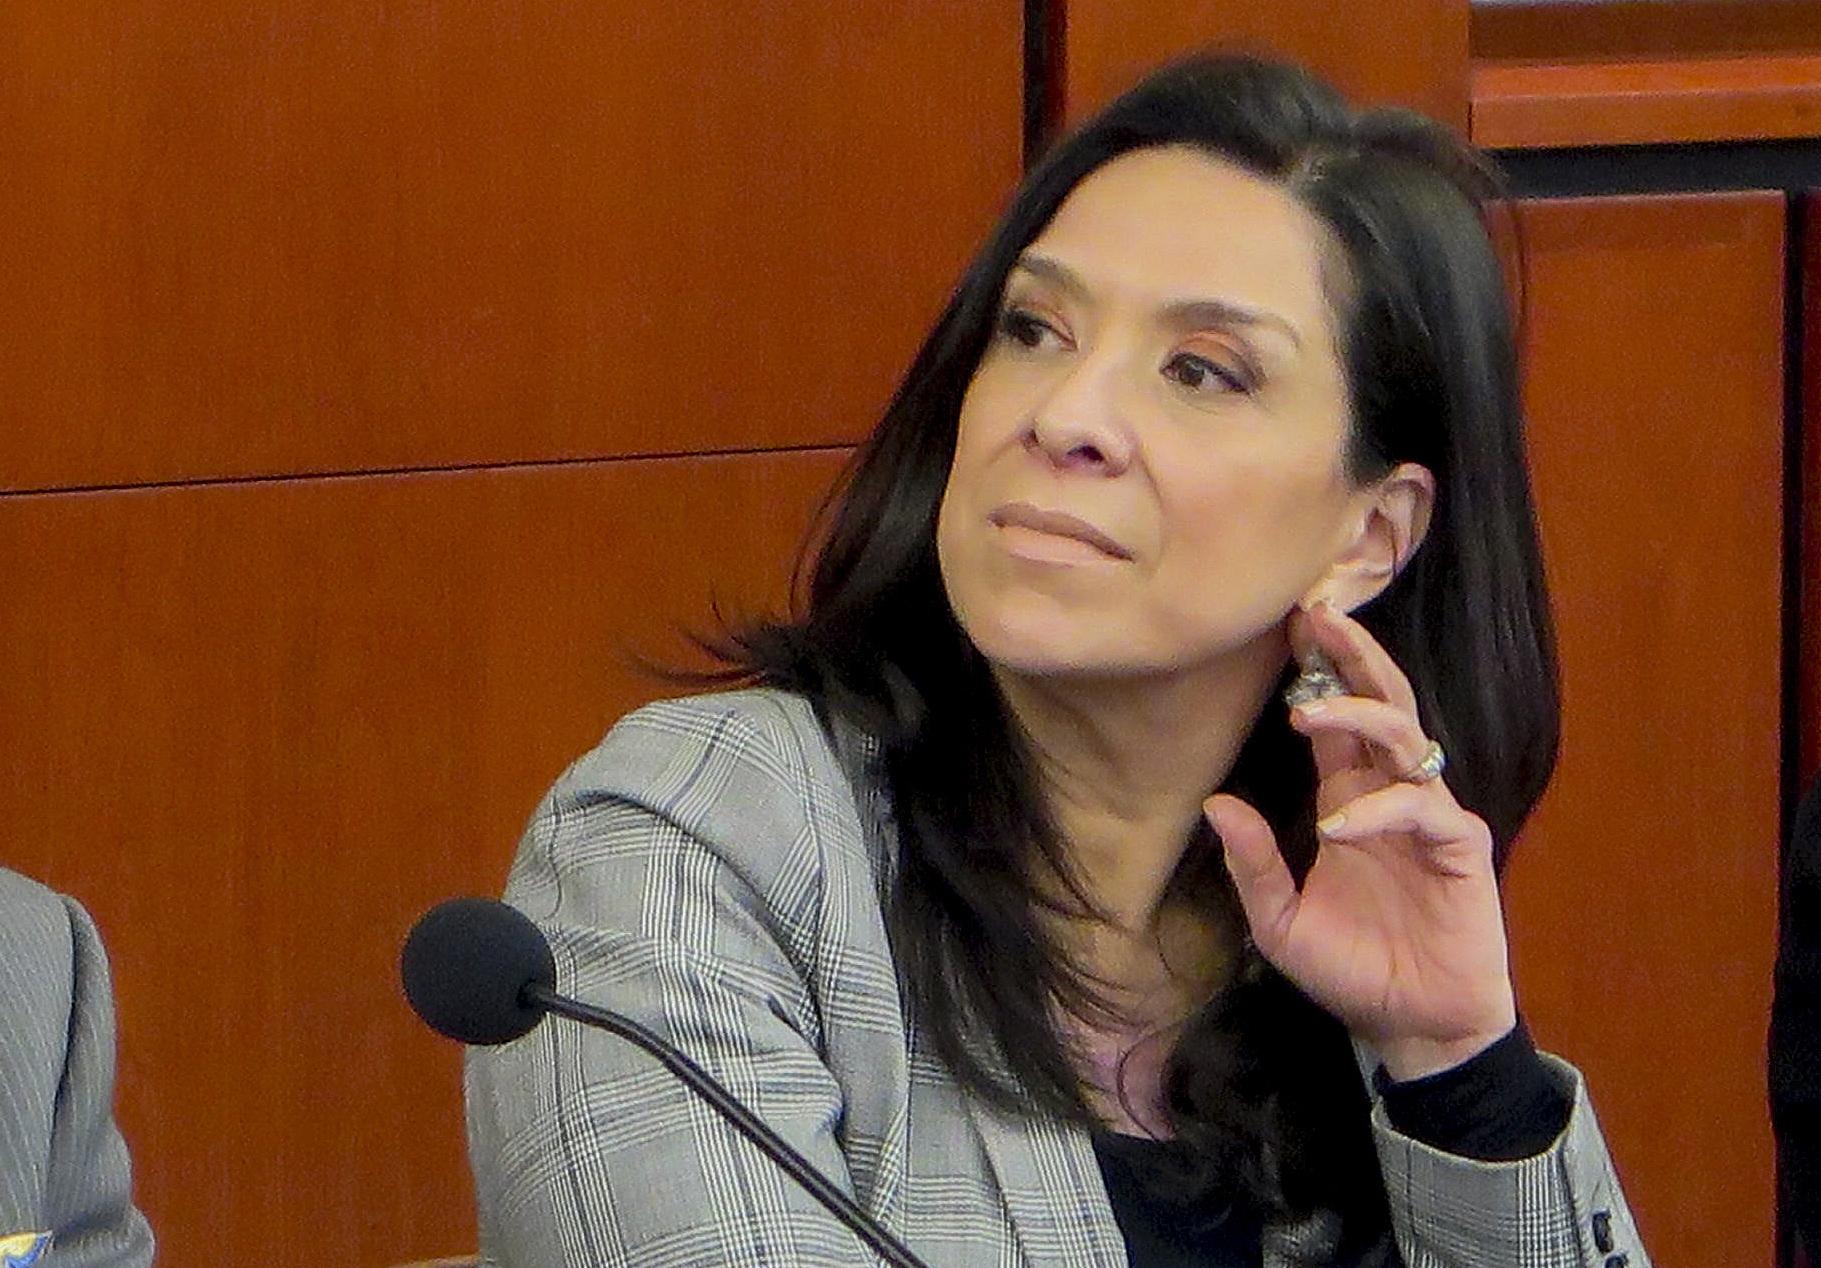 N J Federal Judge Esther Salas Speaks Out After Son Shot Whyy